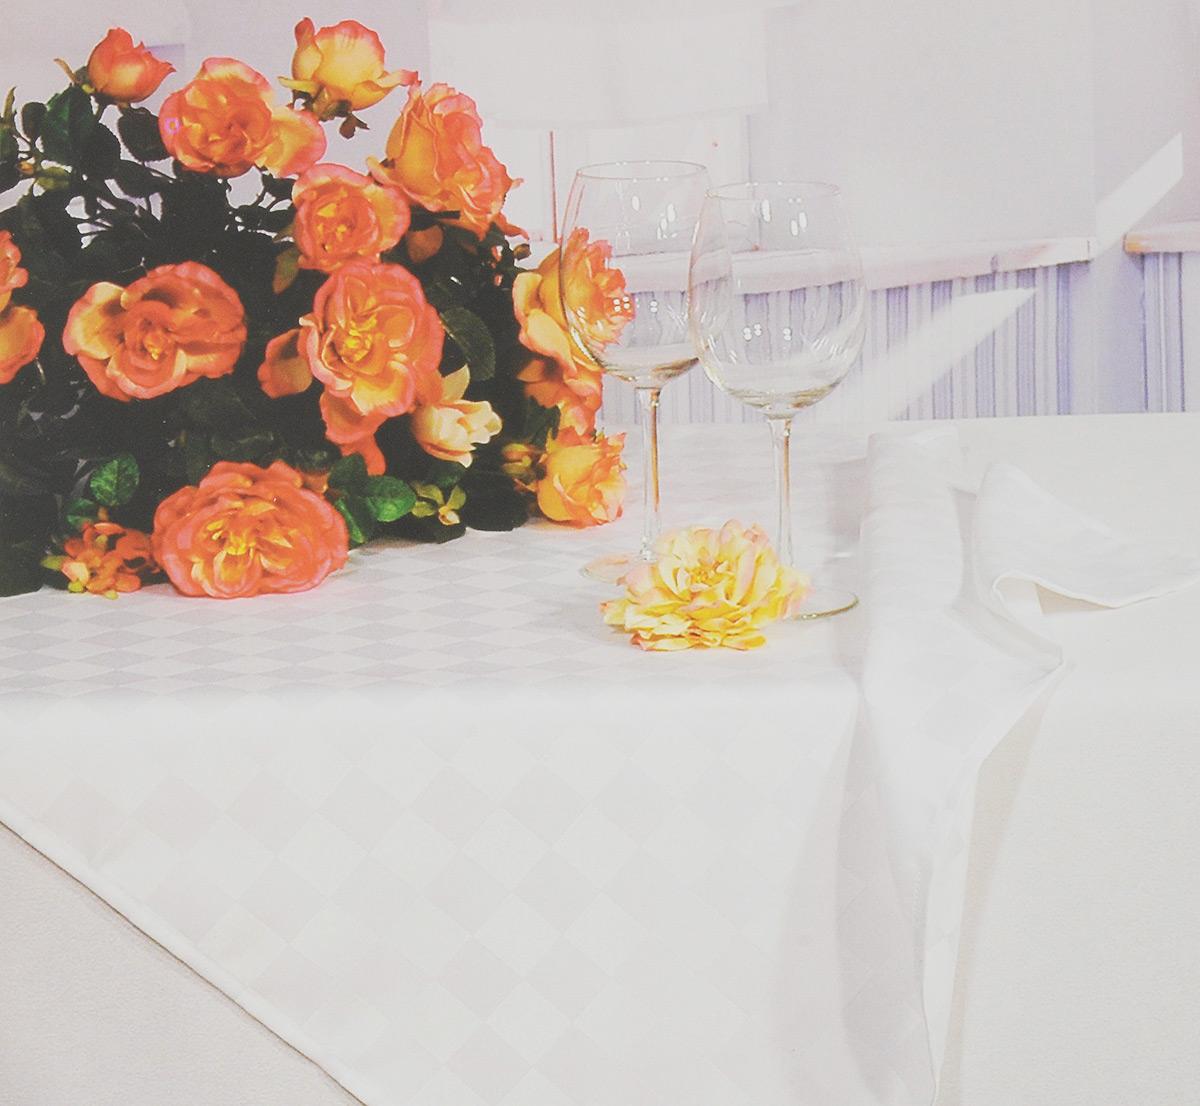 Скатерть Schaefer, прямоугольная, цвет: белый, 160 x 220 см. 4169/FB.014169/FB.01 Скатерть, 160*220 смПрямоугольная скатерть Schaefer, выполненная из полиэстера с оригинальным рисунком, станет изысканным украшением кухонного стола. За текстилем из полиэстера очень легко ухаживать: он не мнется, не садится и быстро сохнет, легко стирается, более долговечен, чем текстиль из натуральных волокон. Использование такой скатерти сделает застолье торжественным, поднимет настроение гостей и приятно удивит их вашим изысканным вкусом. Также вы можете использовать эту скатерть для повседневной трапезы, превратив каждый прием пищи в волшебный праздник и веселье. Это текстильное изделие станет изысканным украшением вашего дома!